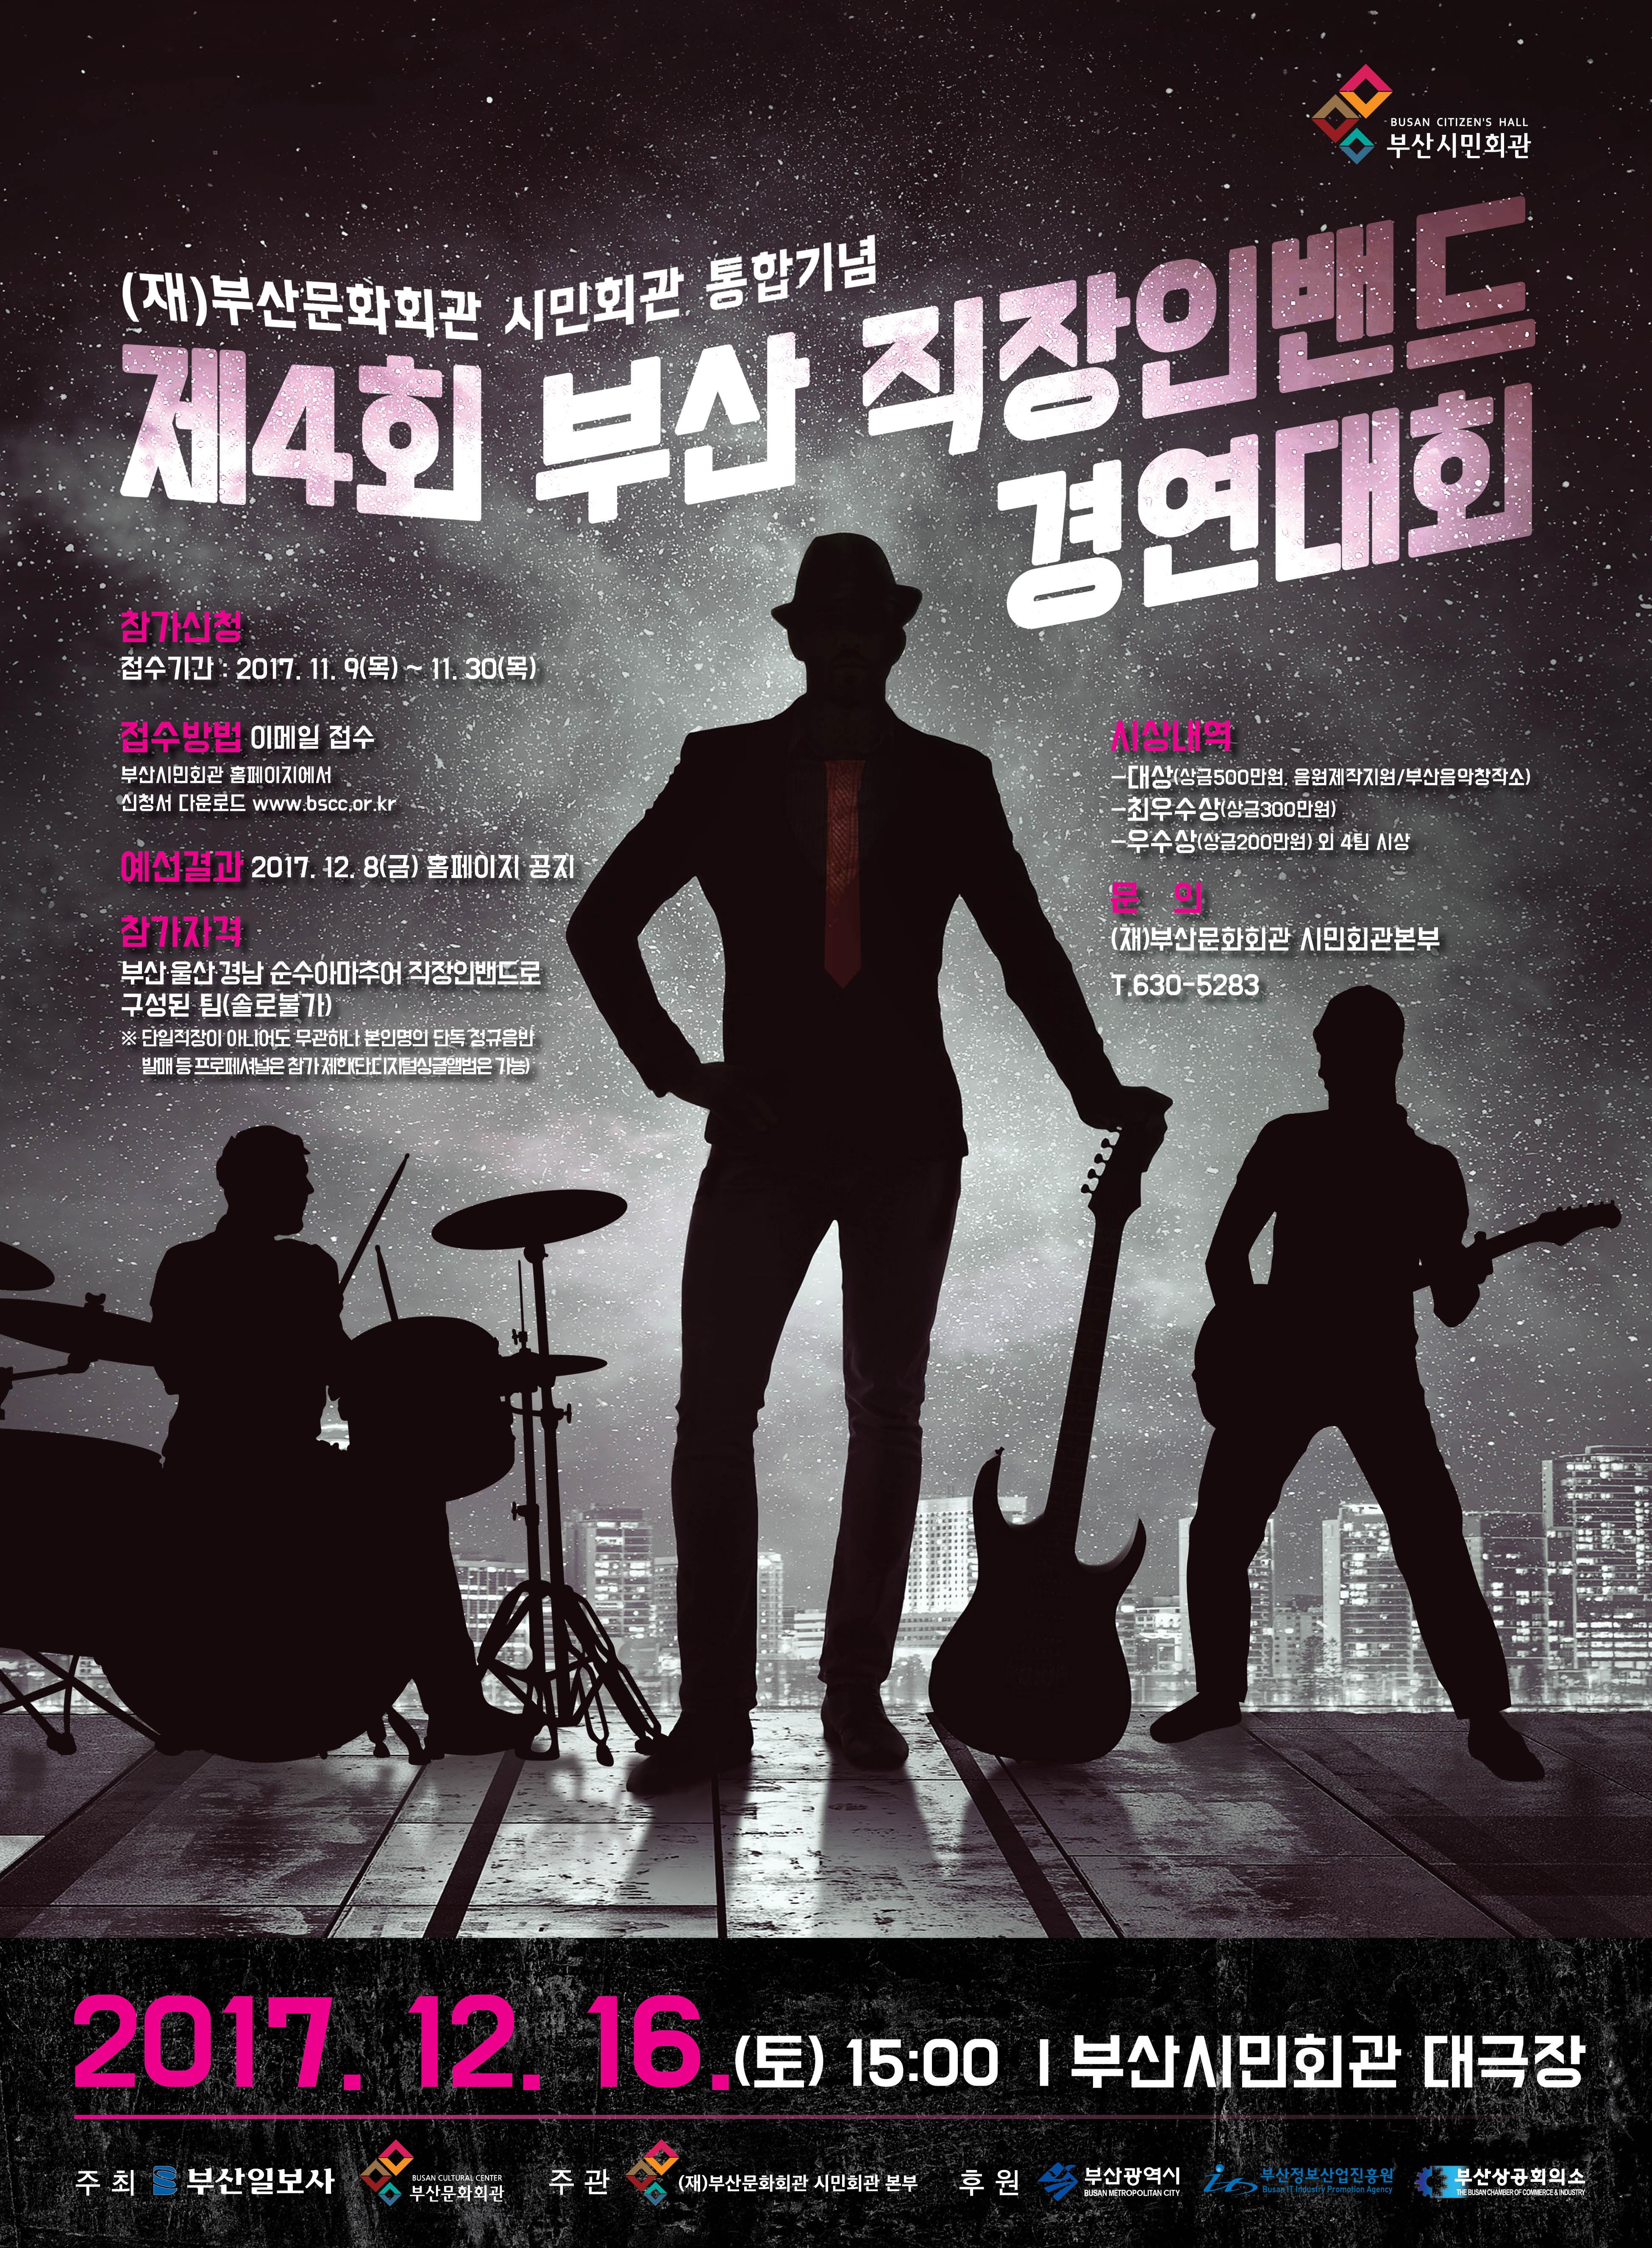 직장인밴드 경연대회